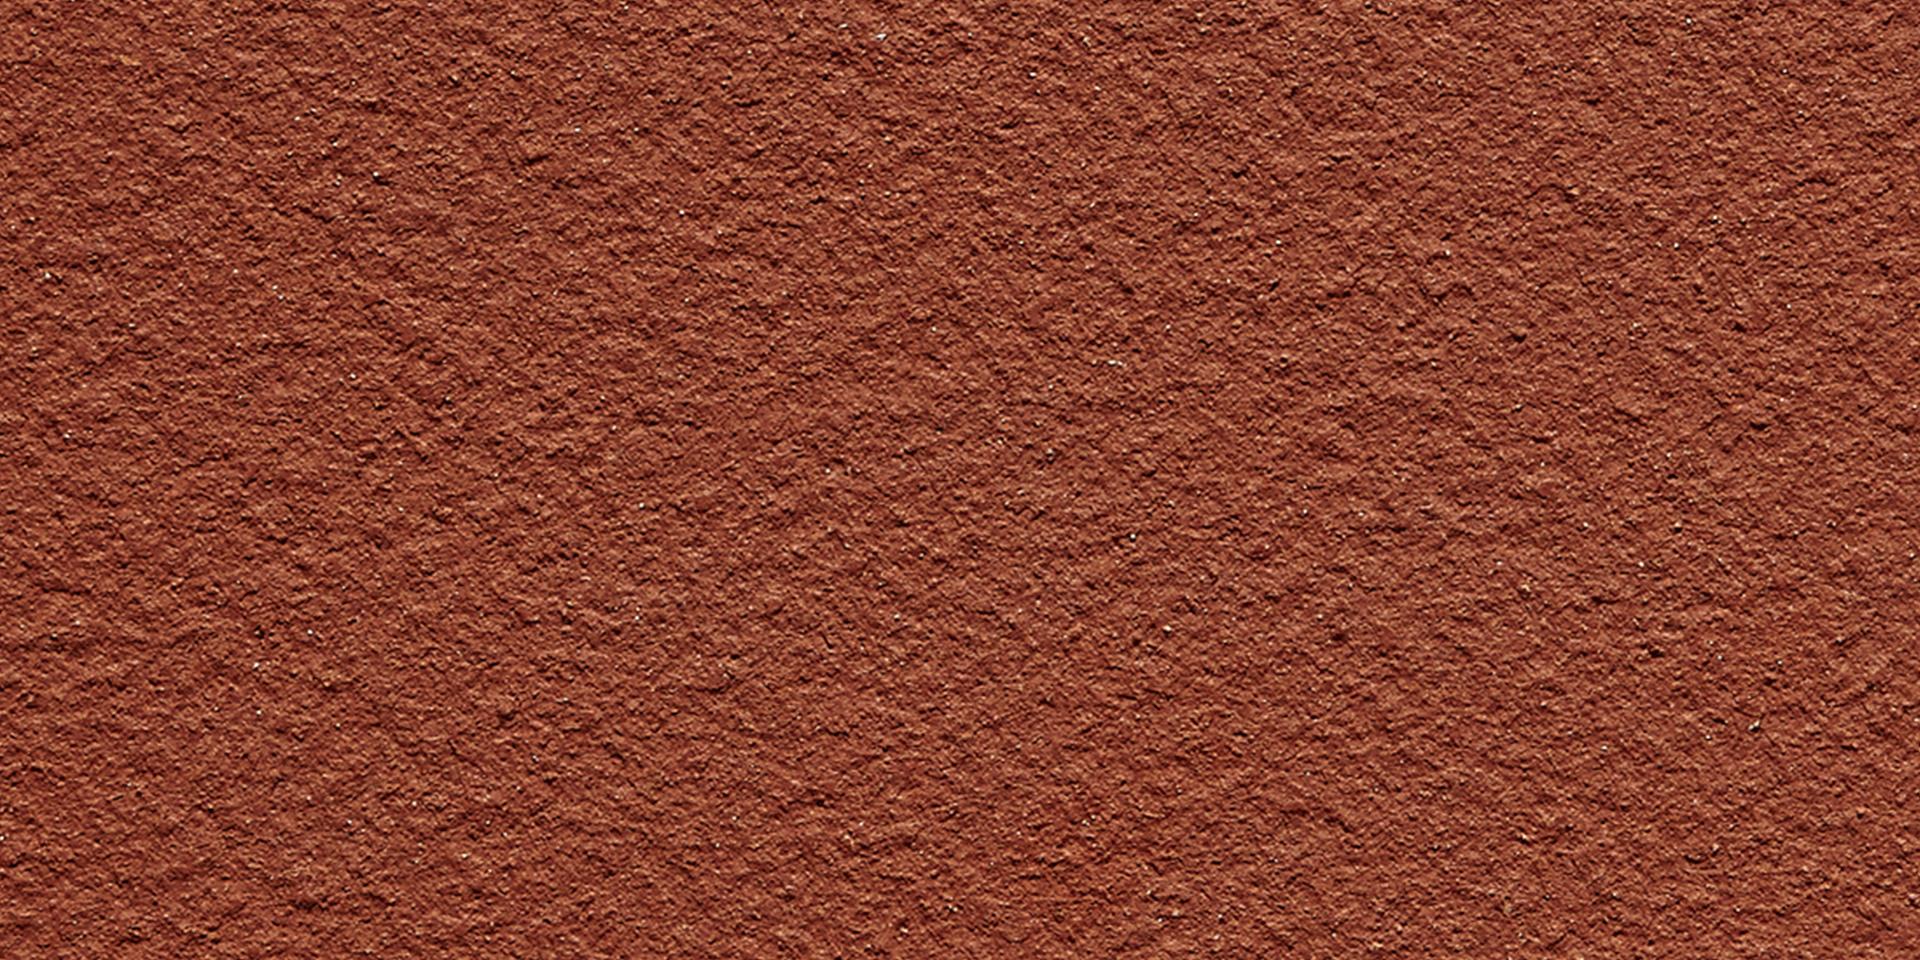 Sanded